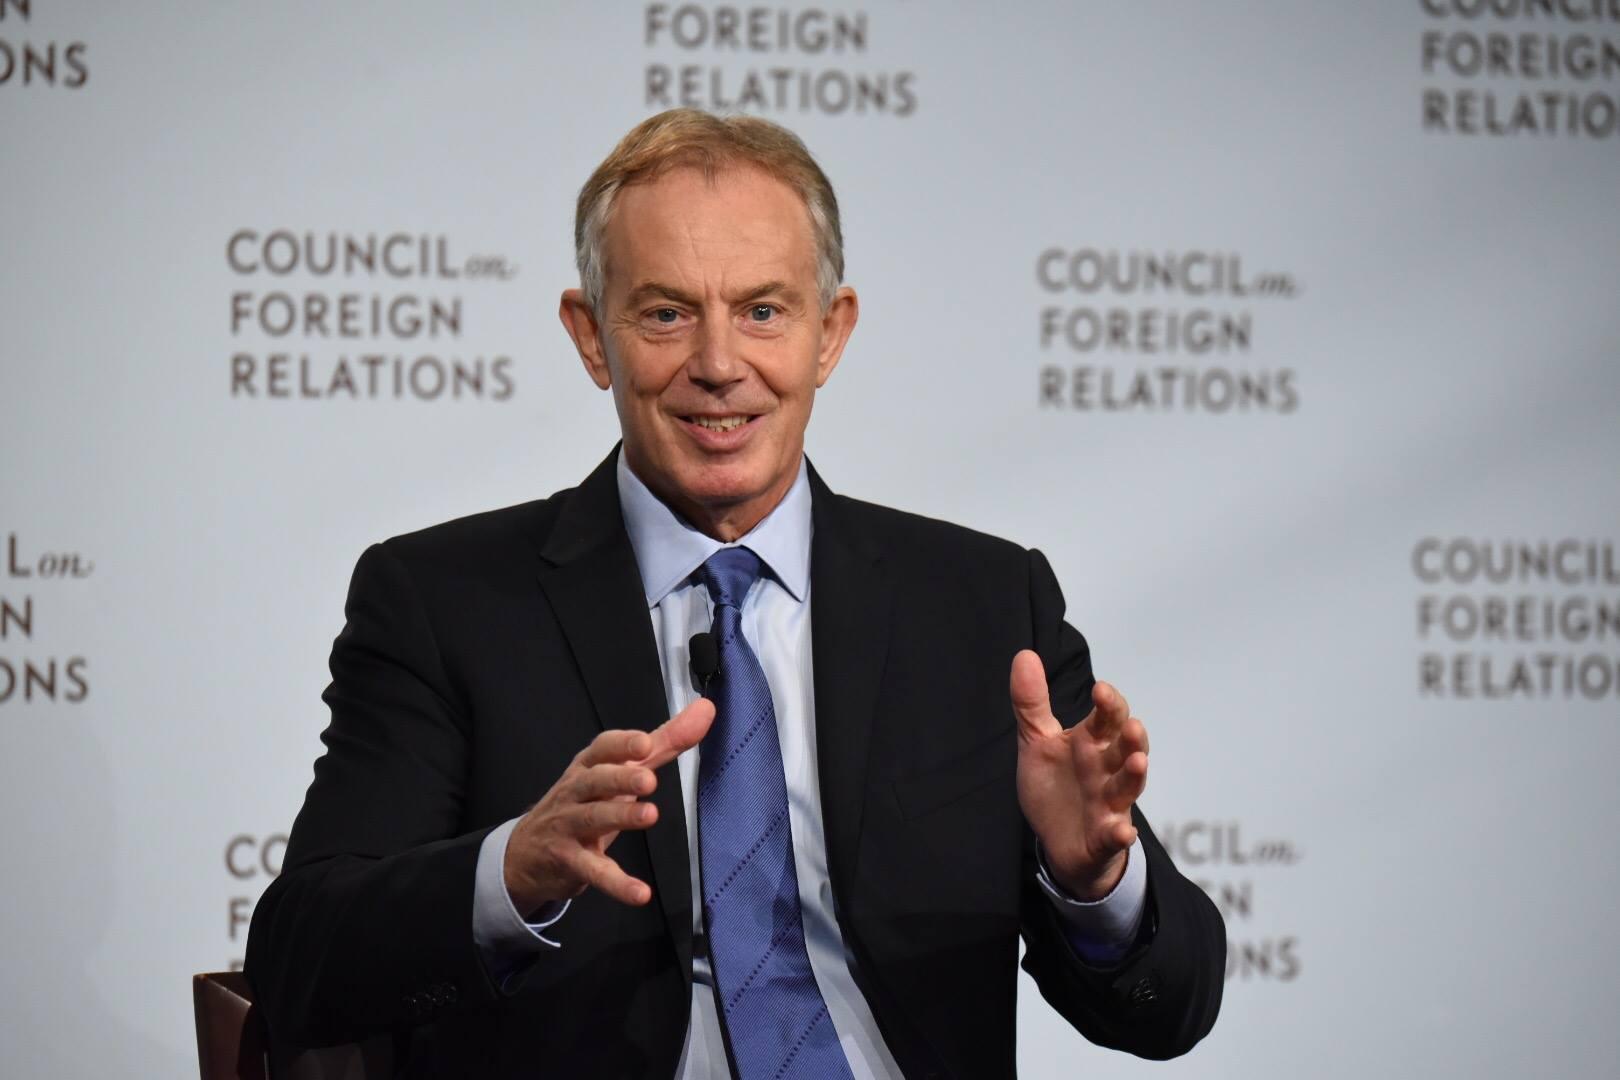 El 'Brexit' puede detenerse, según el exministro Tony Blair